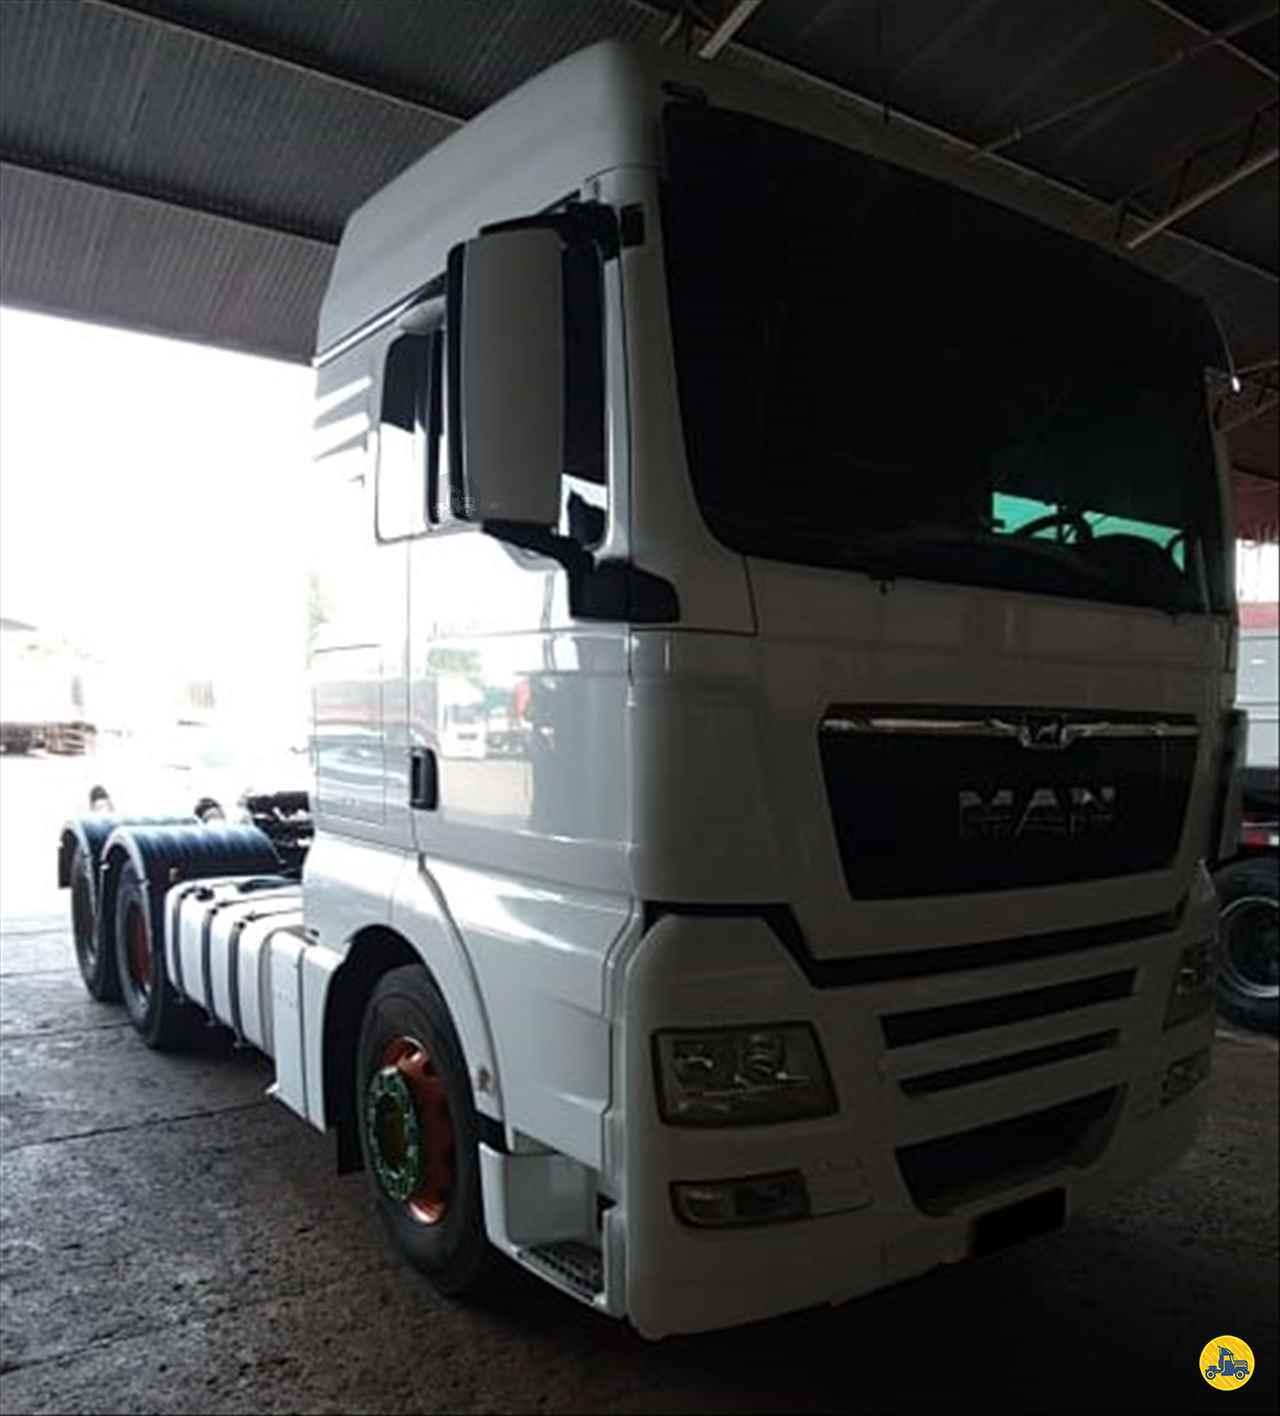 MAN TGX 29 480 448km 2017/2018 CCM Caminhões